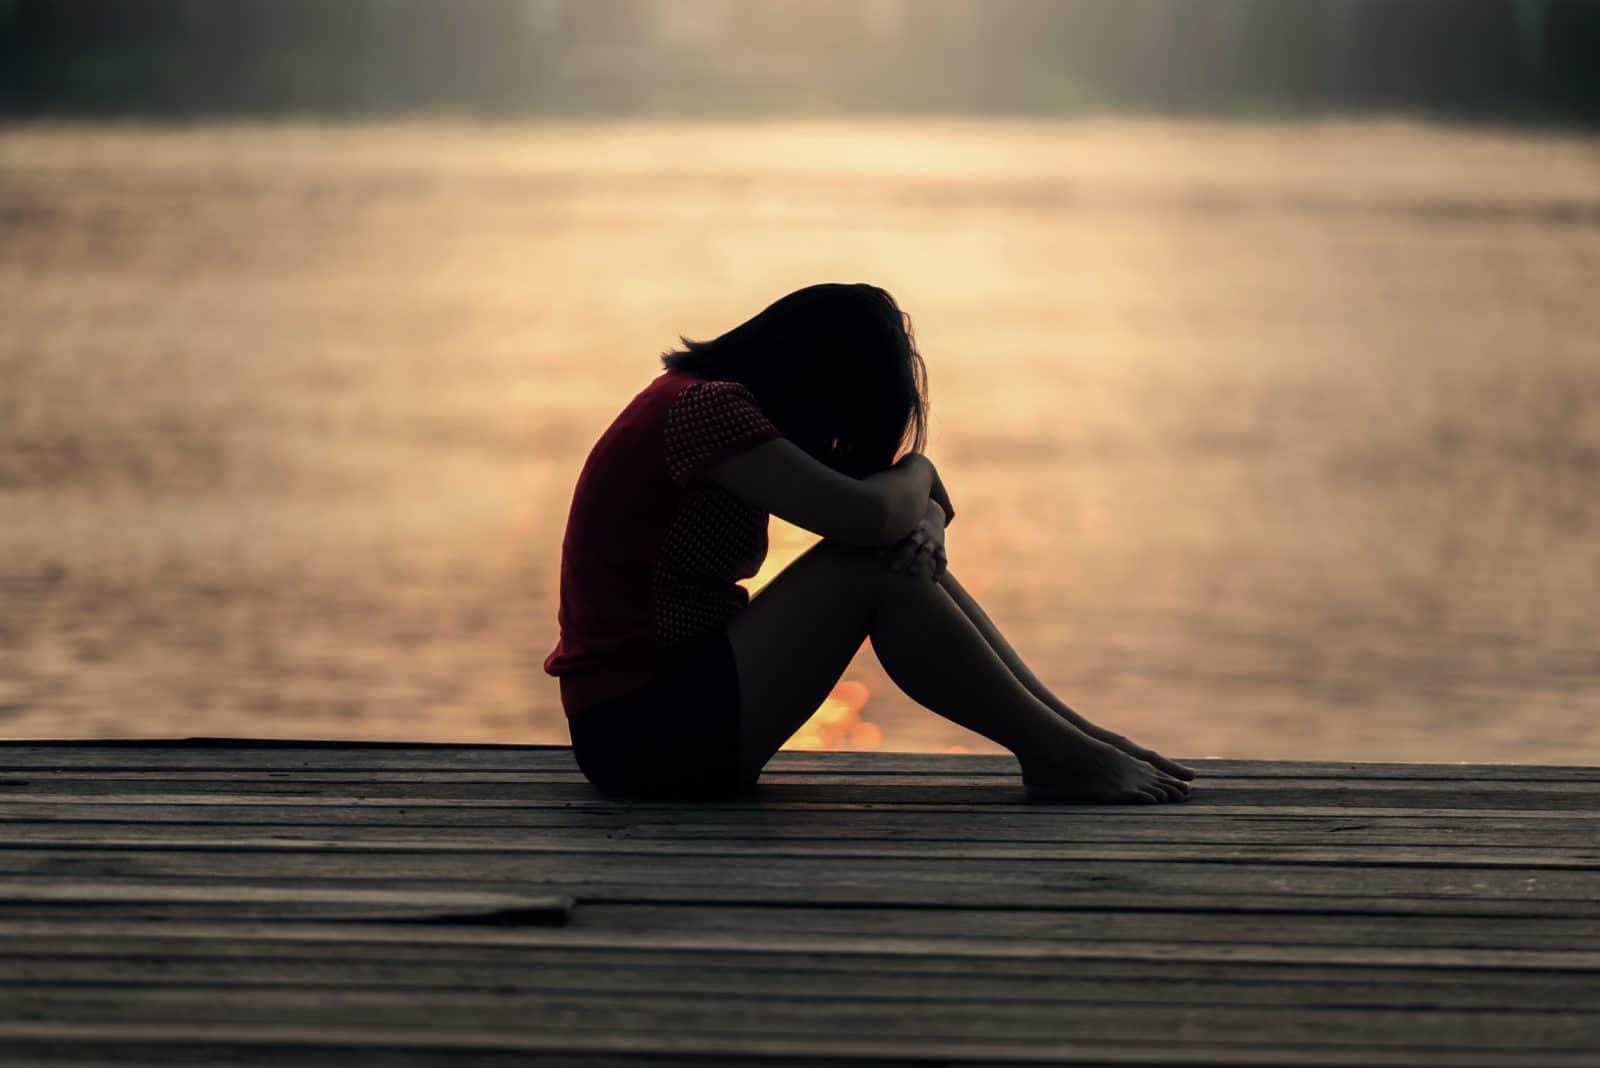 Rozwód: porażka, czy szansa na lepsze życie